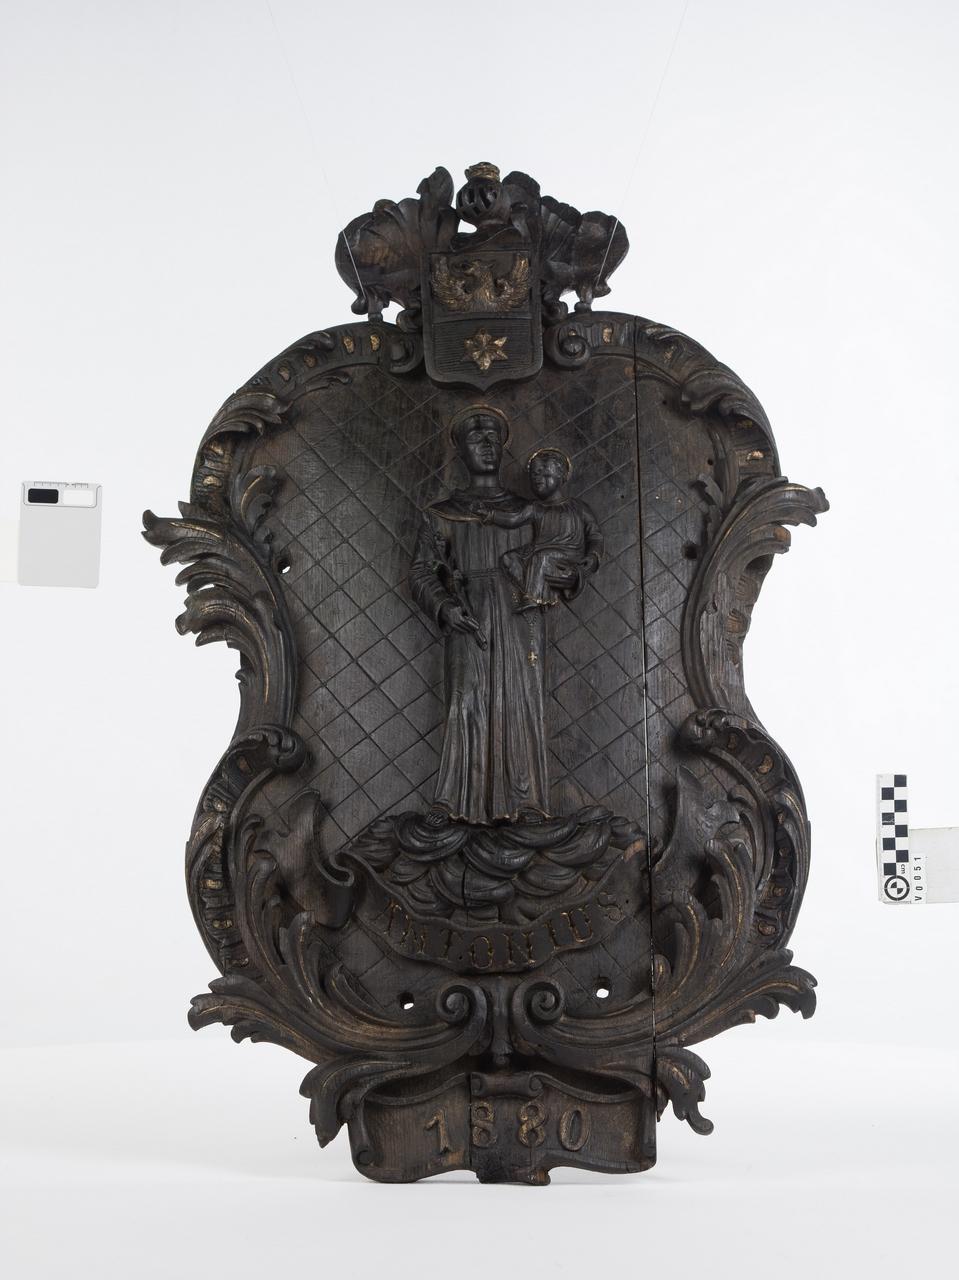 Reliéf zo suda zroku 1880, Sv. Anton - Fassboden mit Relief des Hl. Anton von 1880